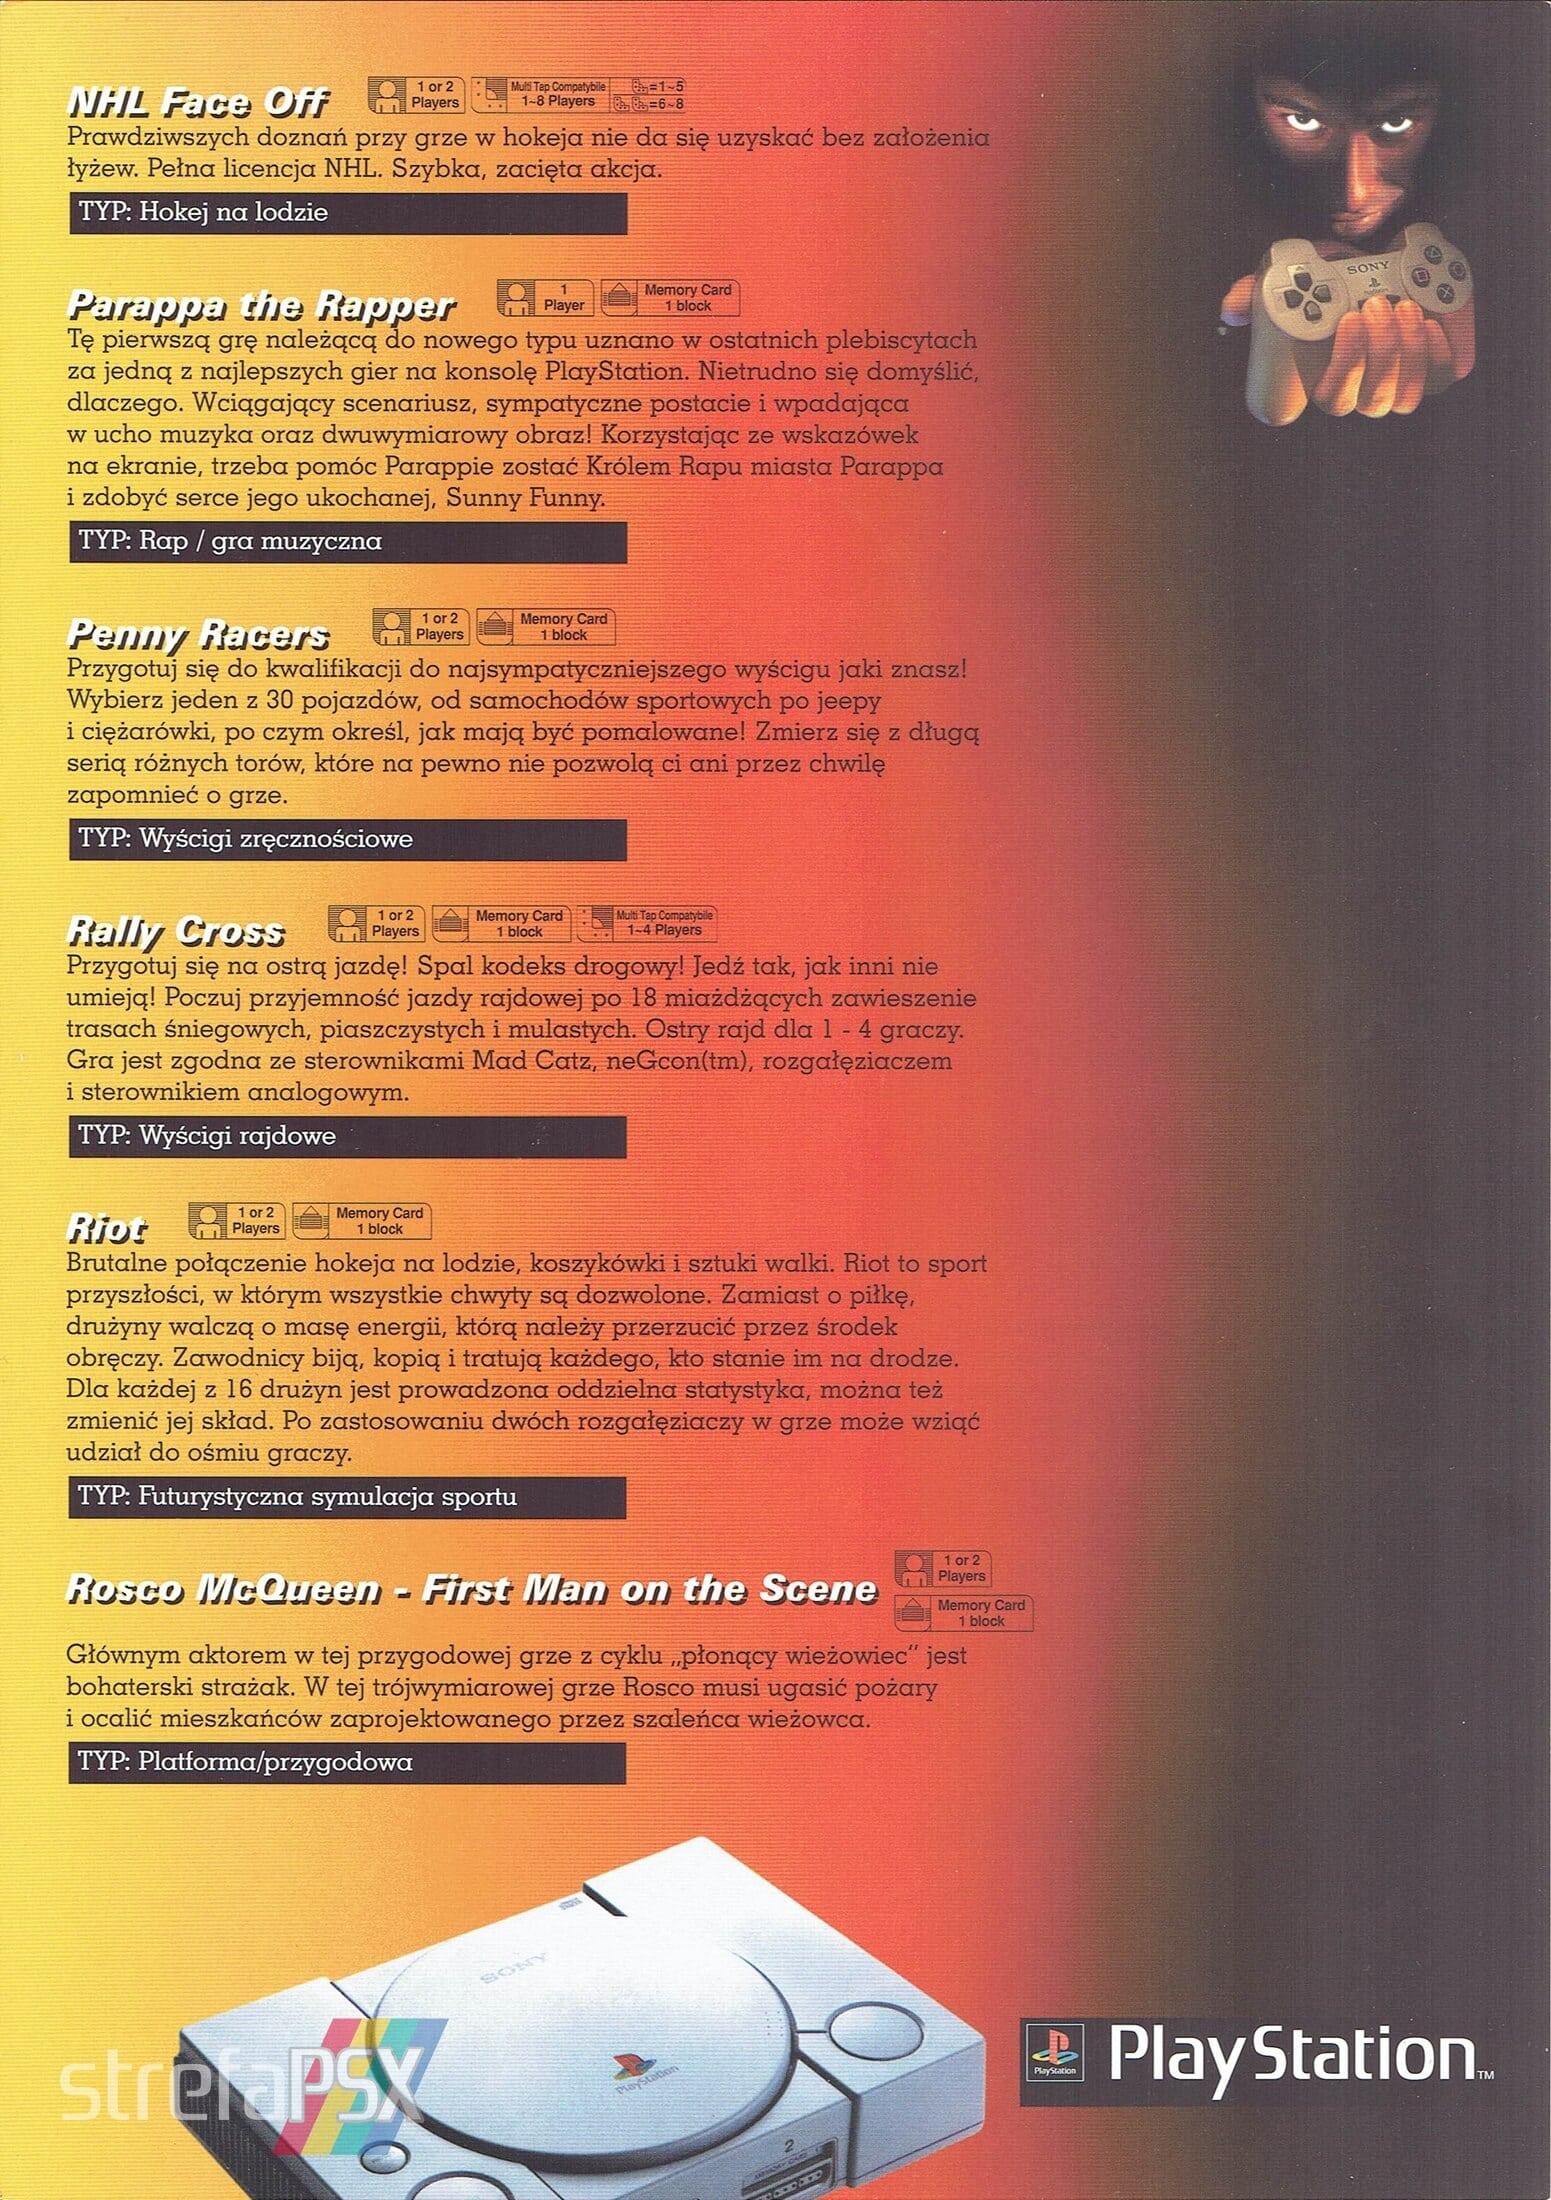 broszura reklamowa psx 13 - Broszury reklamowe PlayStation z dawnych lat